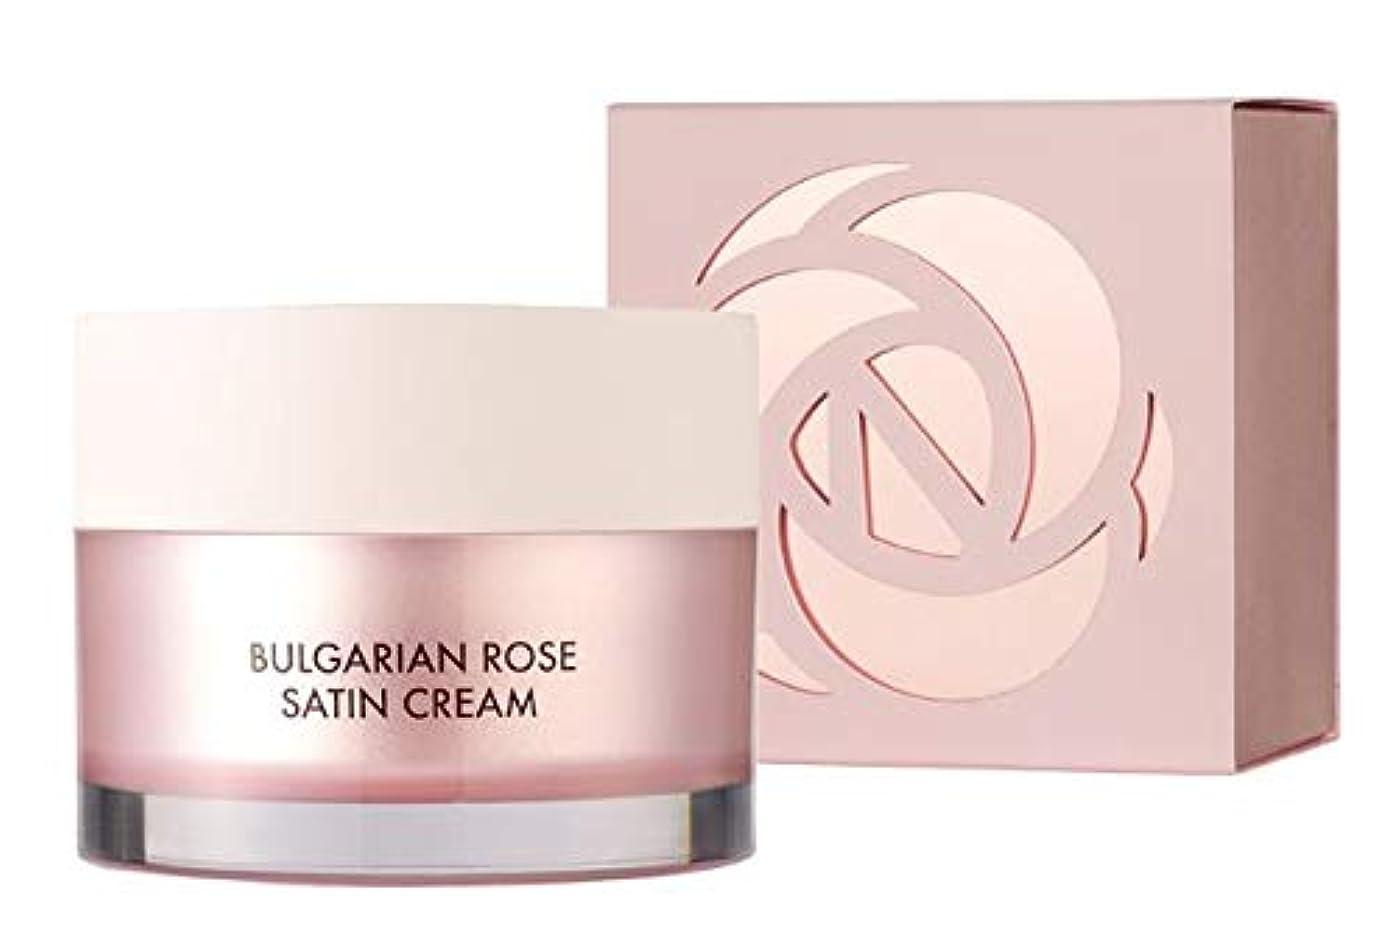 クランシー乗り出す長椅子[Heimish] Bulgarian Rose Satin Cream /[ヘイミッシュ] ブルガリアンローズサティンクリーム [並行輸入品]